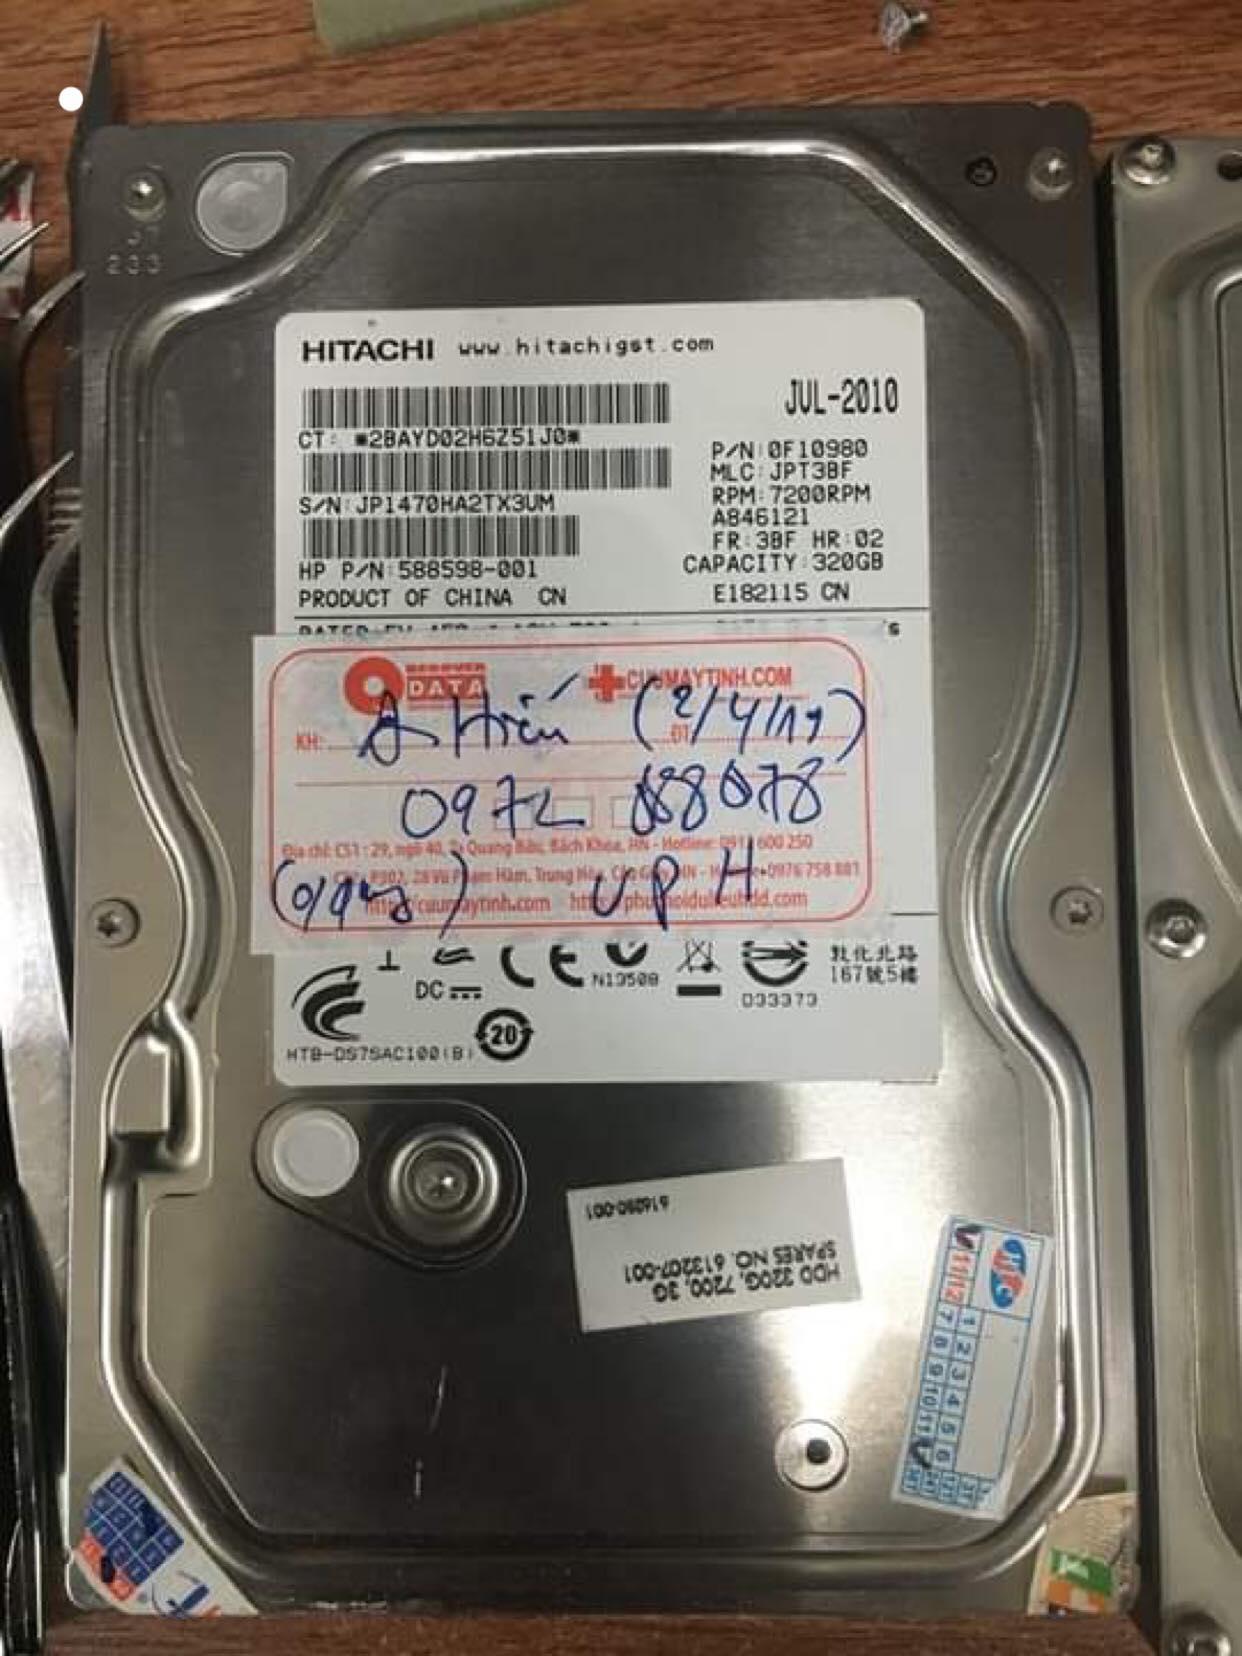 Cứu dữ liệu ổ cứng Hitachi 320GB không nhận 05/04/2019 - cuumaytinh